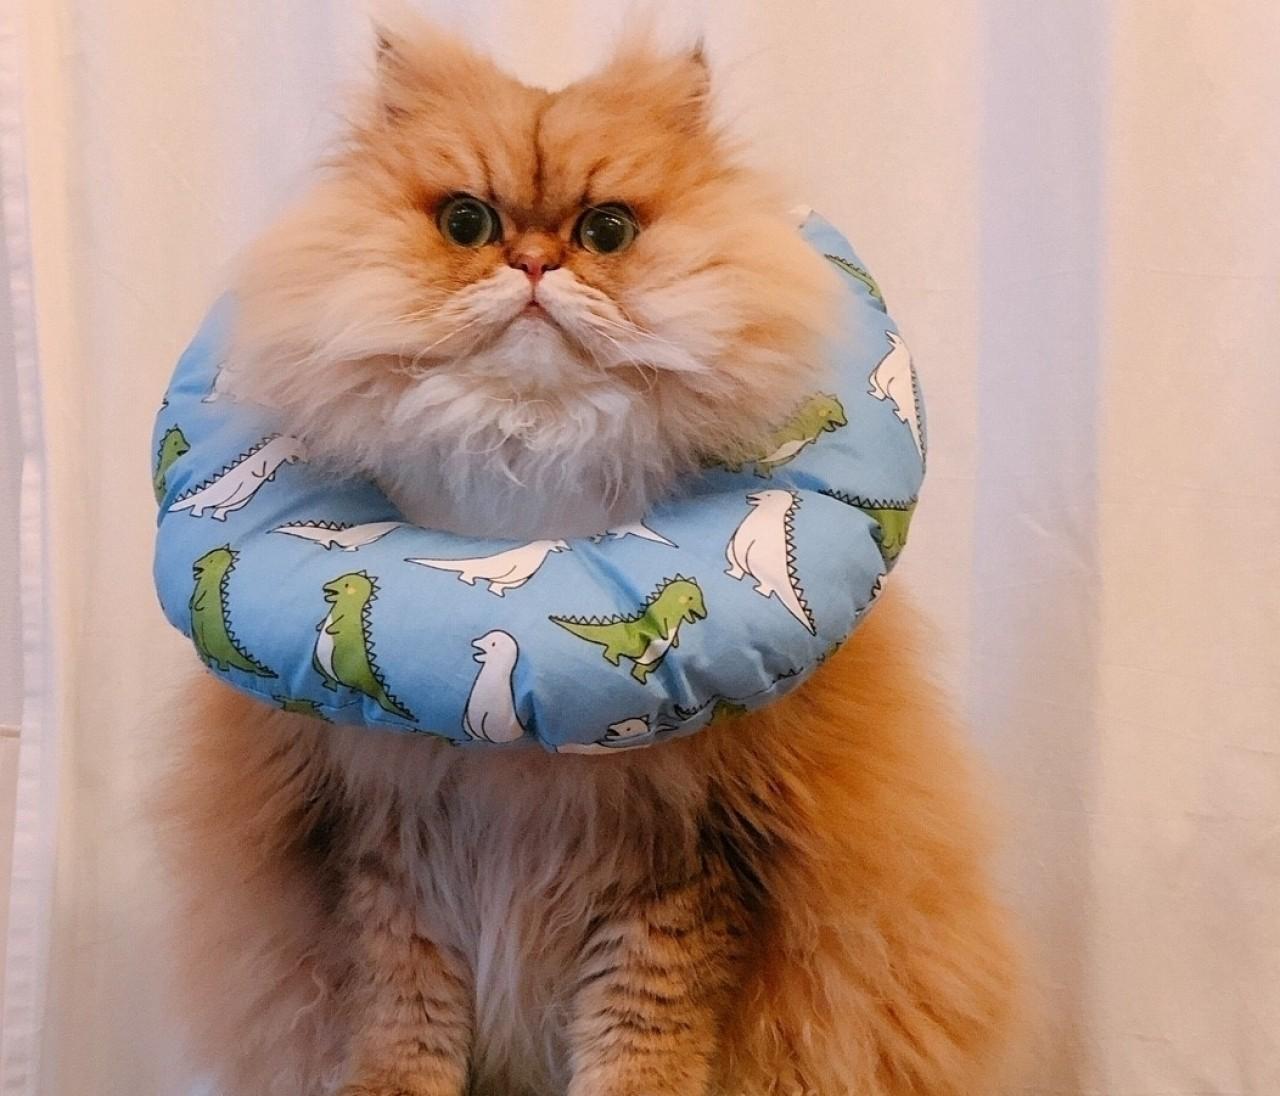 【集まれ、にゃんばか部♡】松島花、宮田聡子の愛猫も!かわいい猫たちの癒し画像集